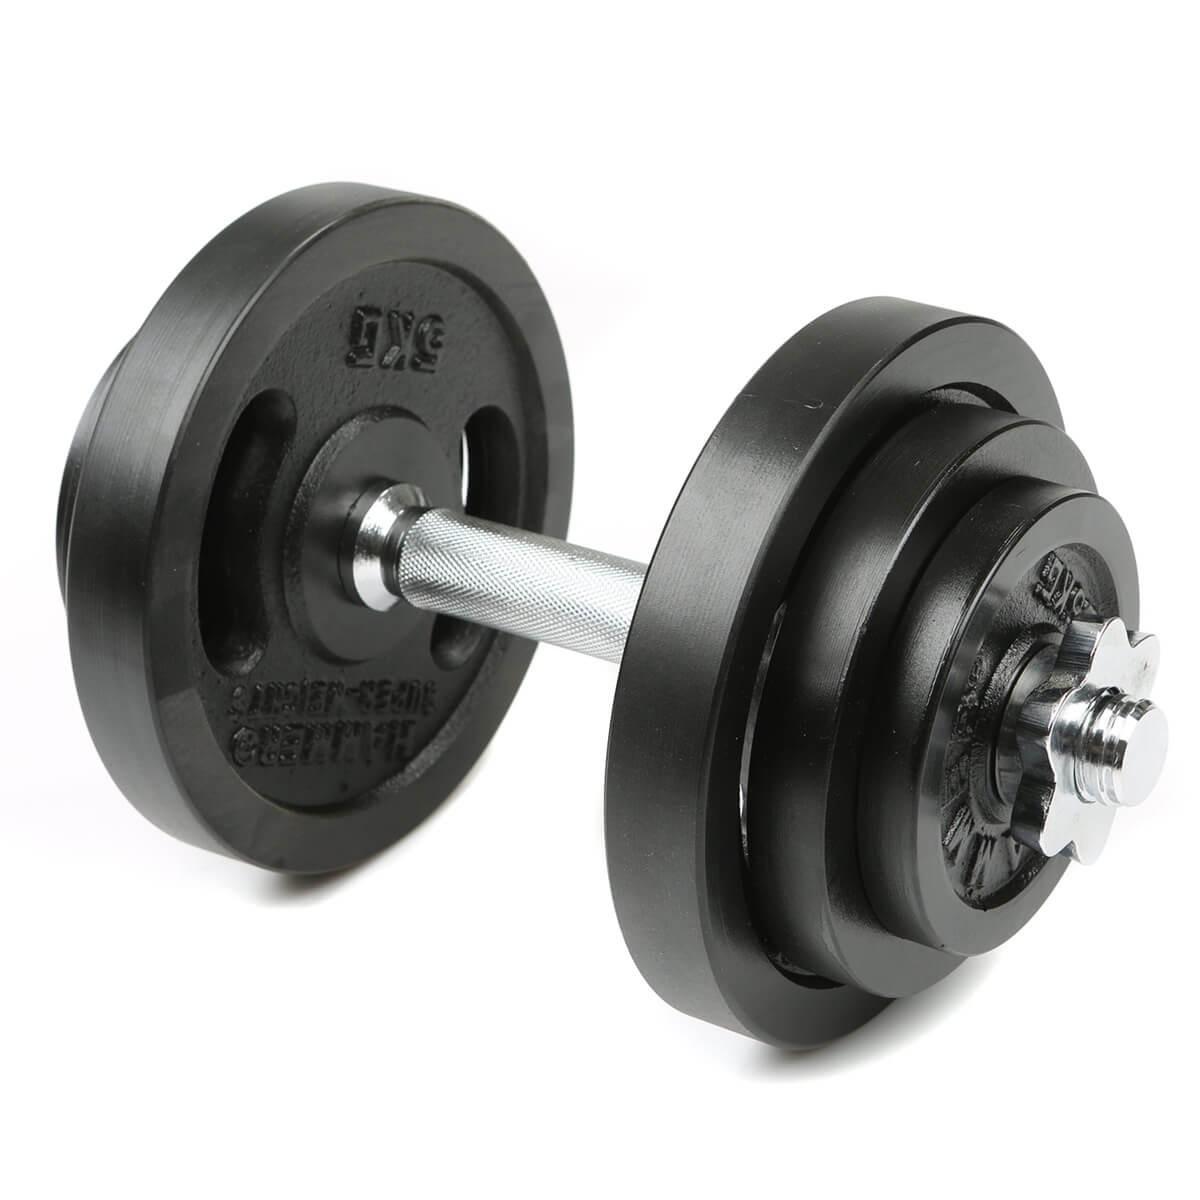 20 KG Kurzhantel / Guss Hammer Fitness 59,90€ zzgl Versand.